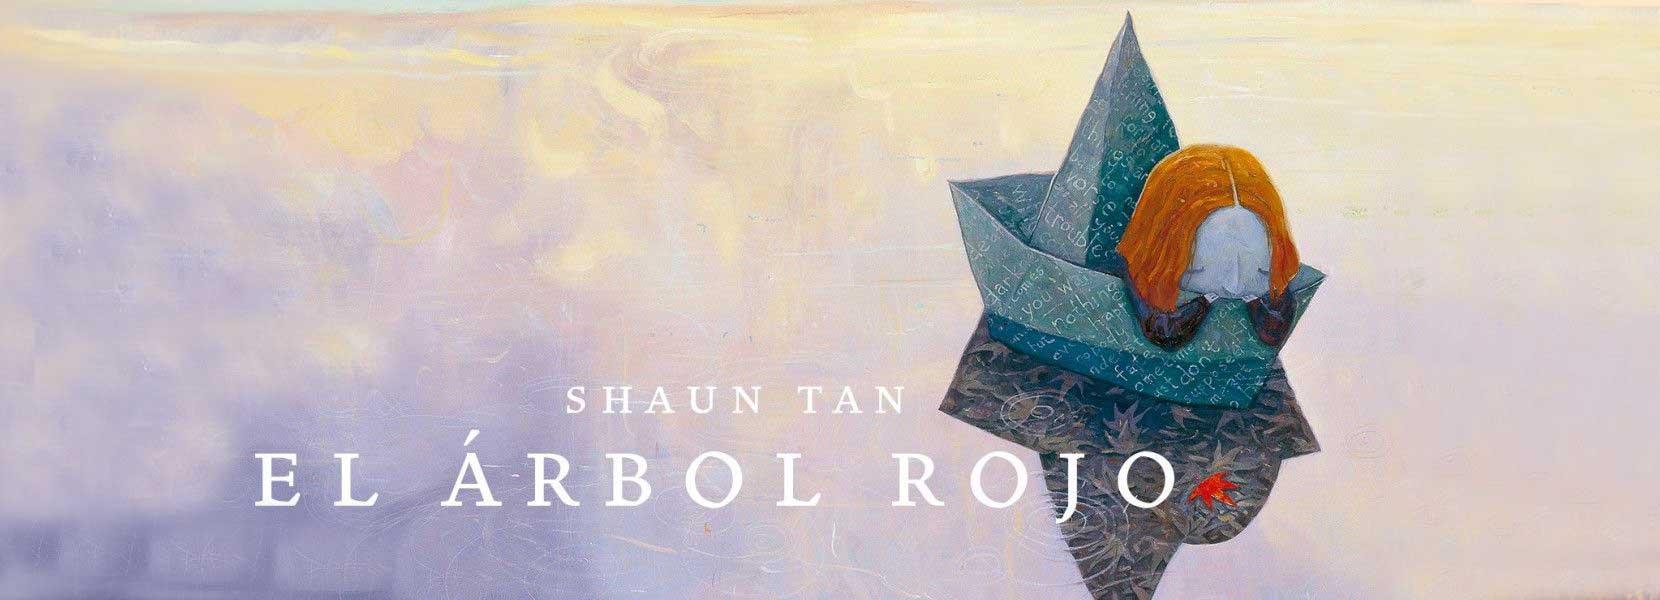 EL árbol rojo de Shaun Tan